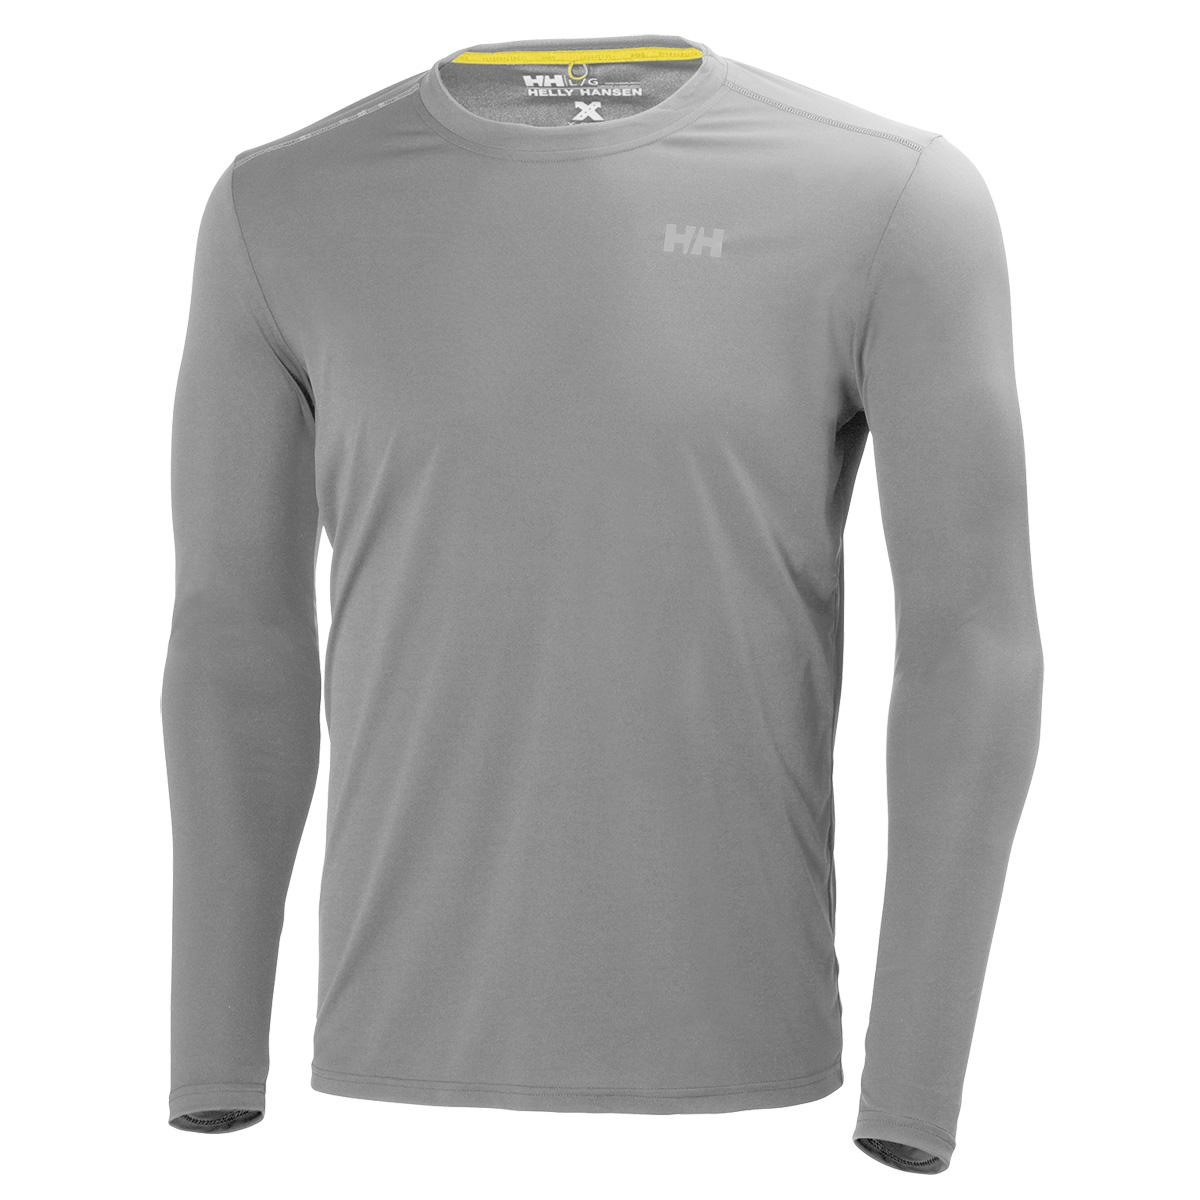 Helly Hansen Men's VTR LS Tech Shirt (49226)